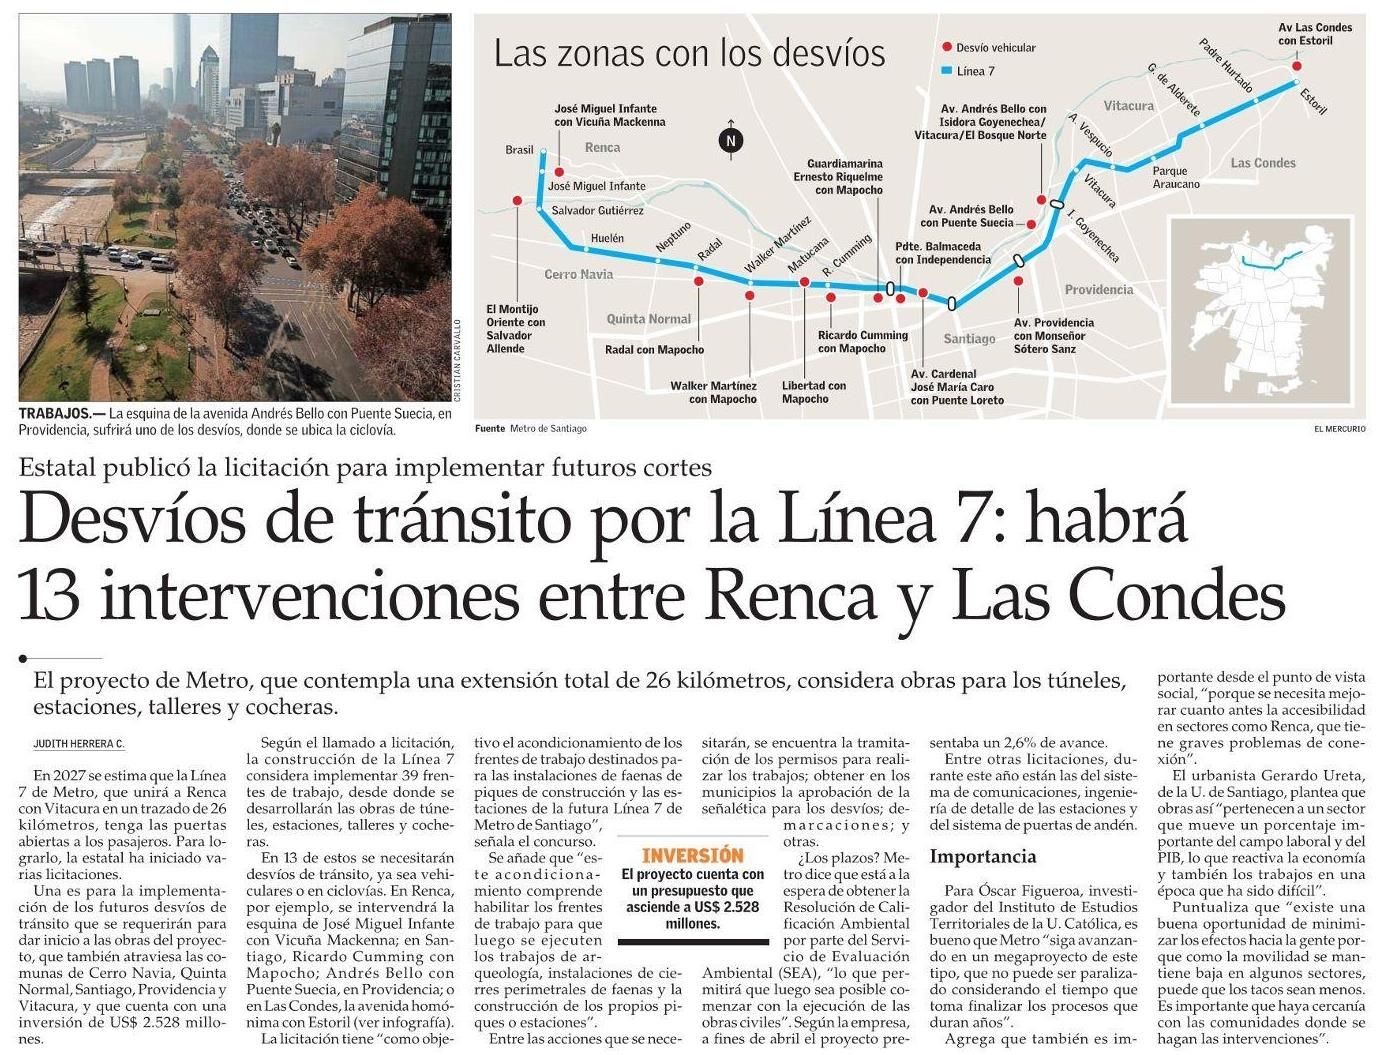 El Mercurio: Habrá 13 intervenciones entre Renca y Las Condes por trabajos de Línea 7